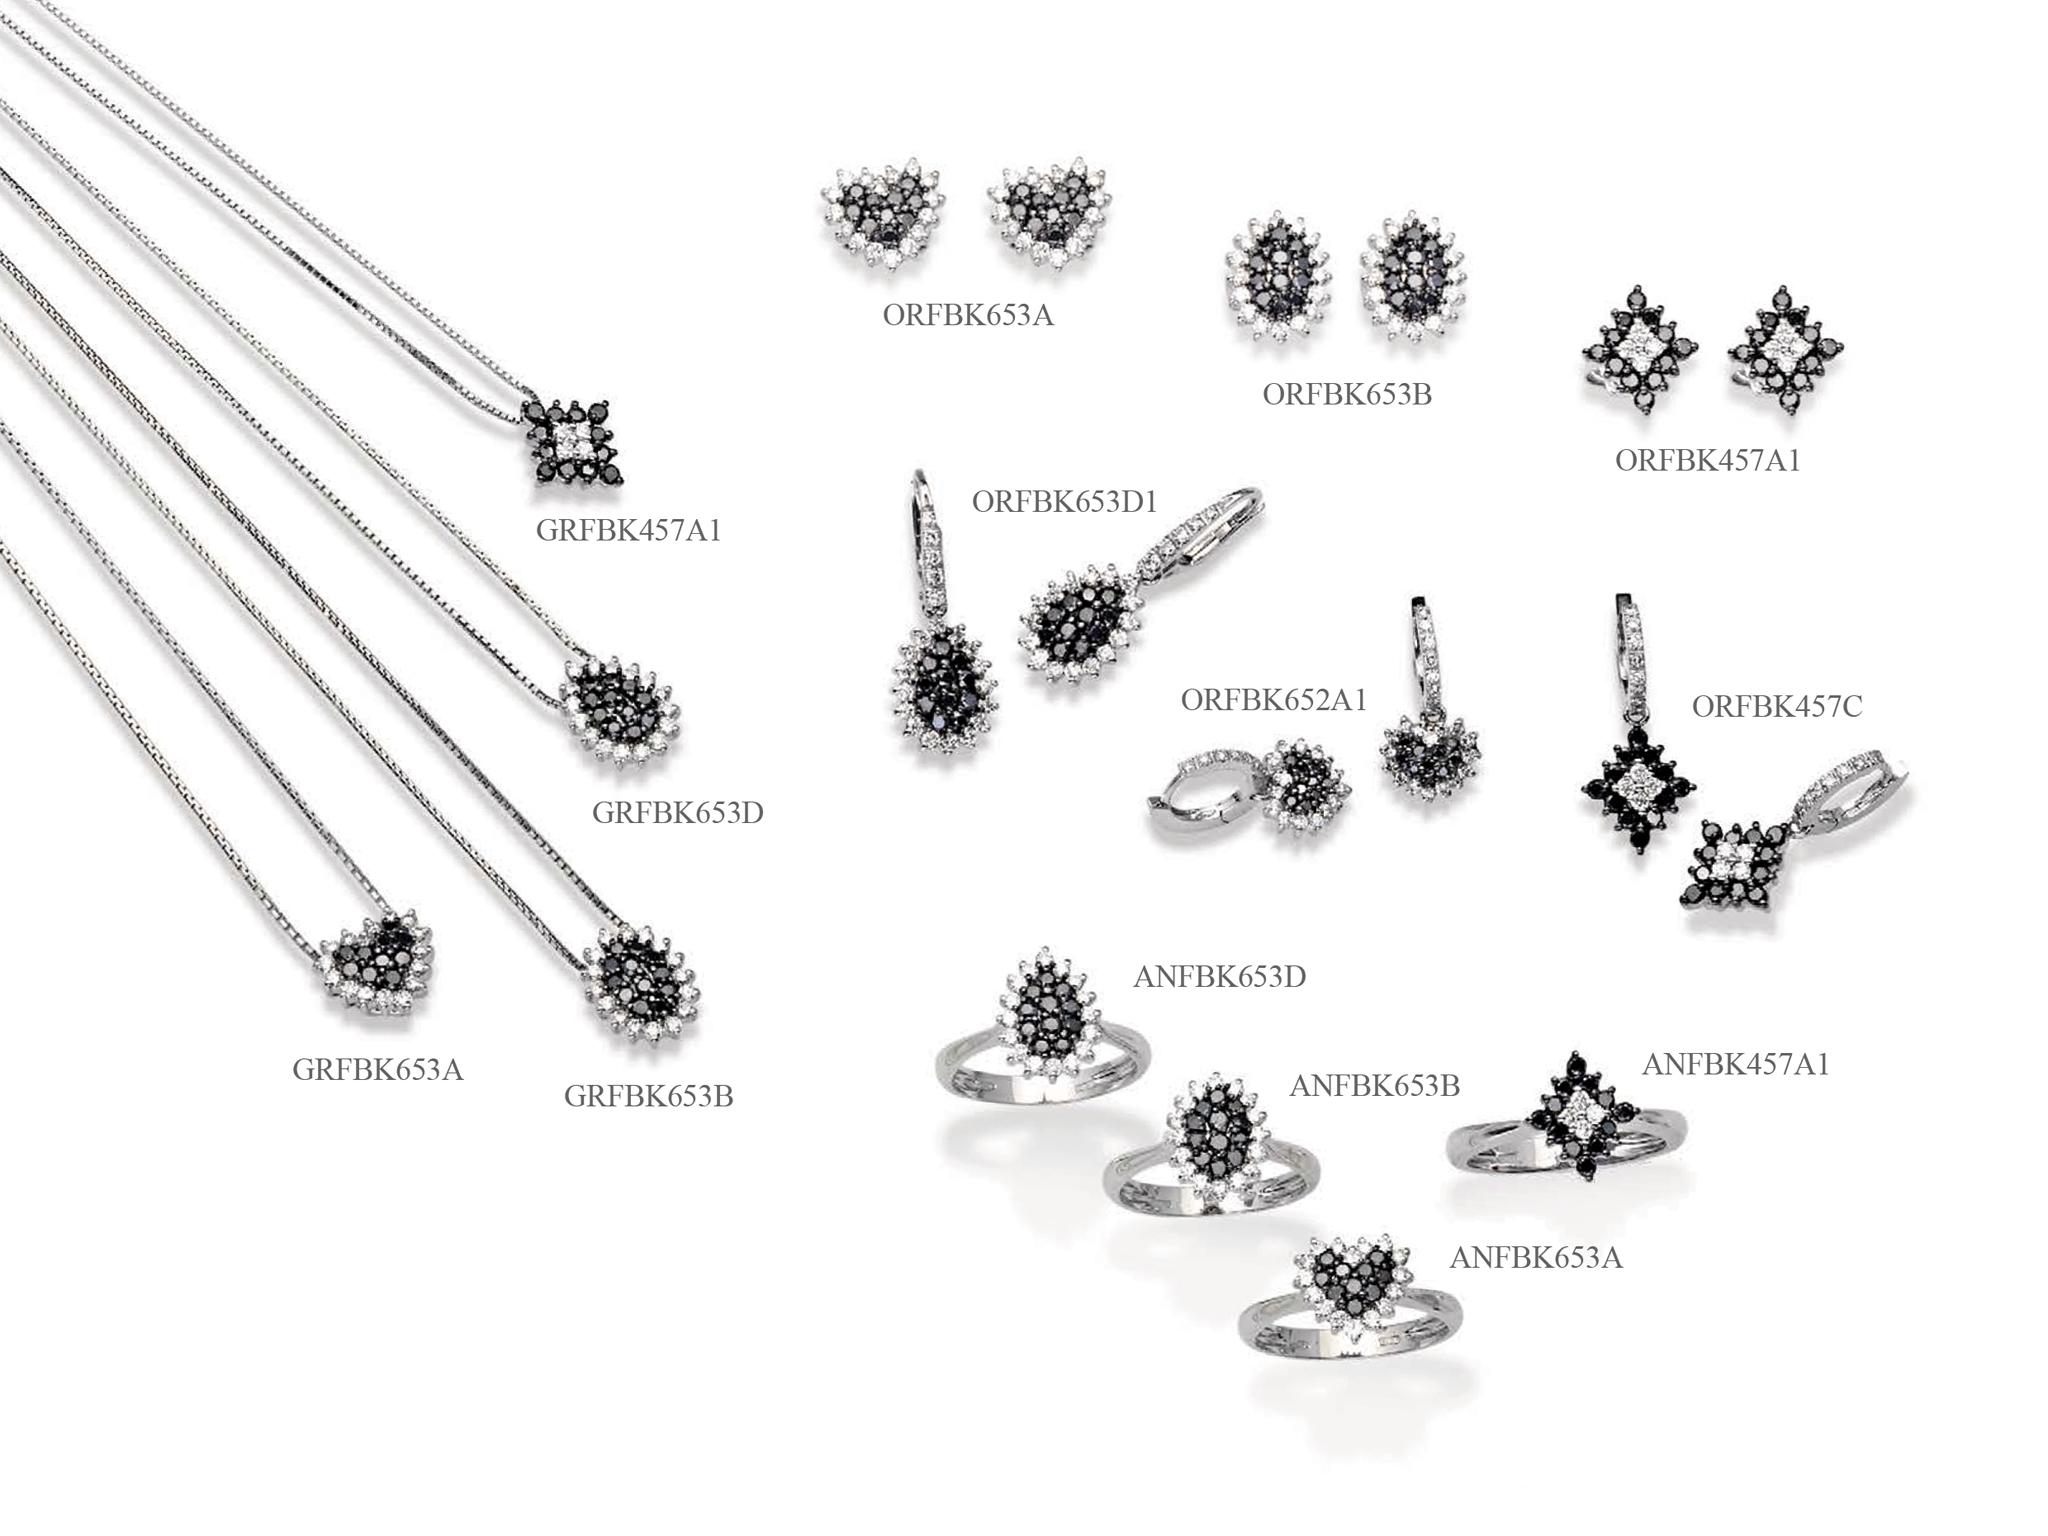 diamanti_pagina_15_app